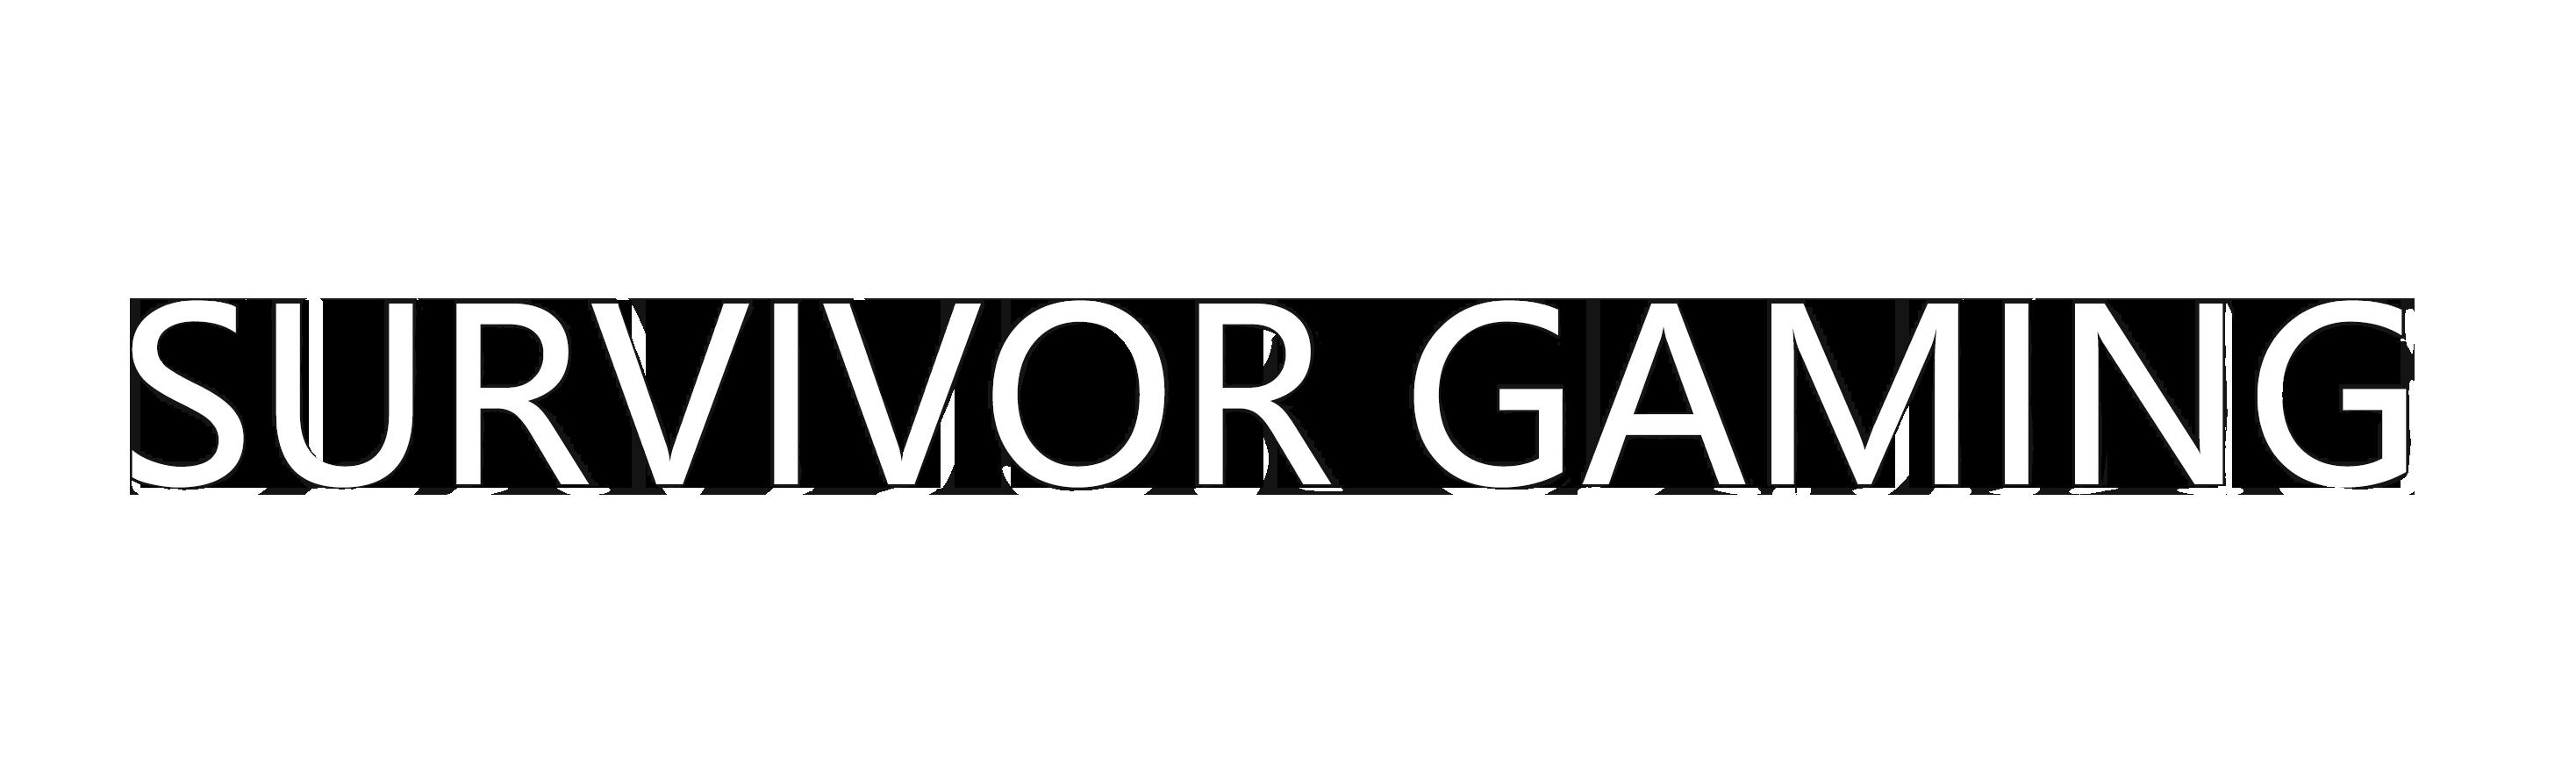 Survivor Gaming